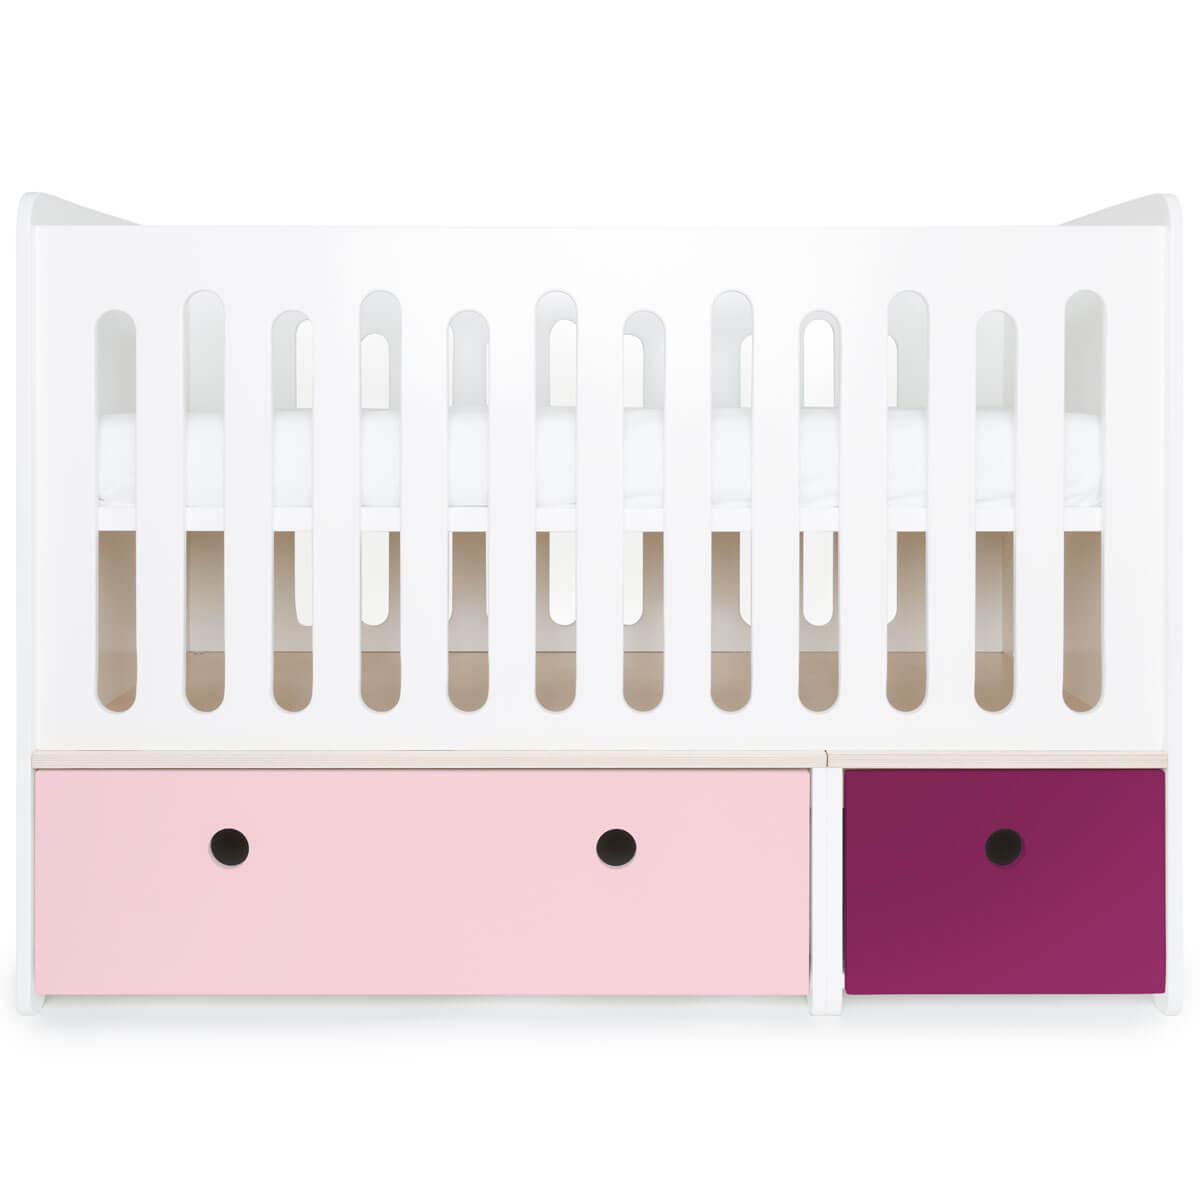 Lit bébé évolutif 70x140cm COLORFLEX sweet pink-plum